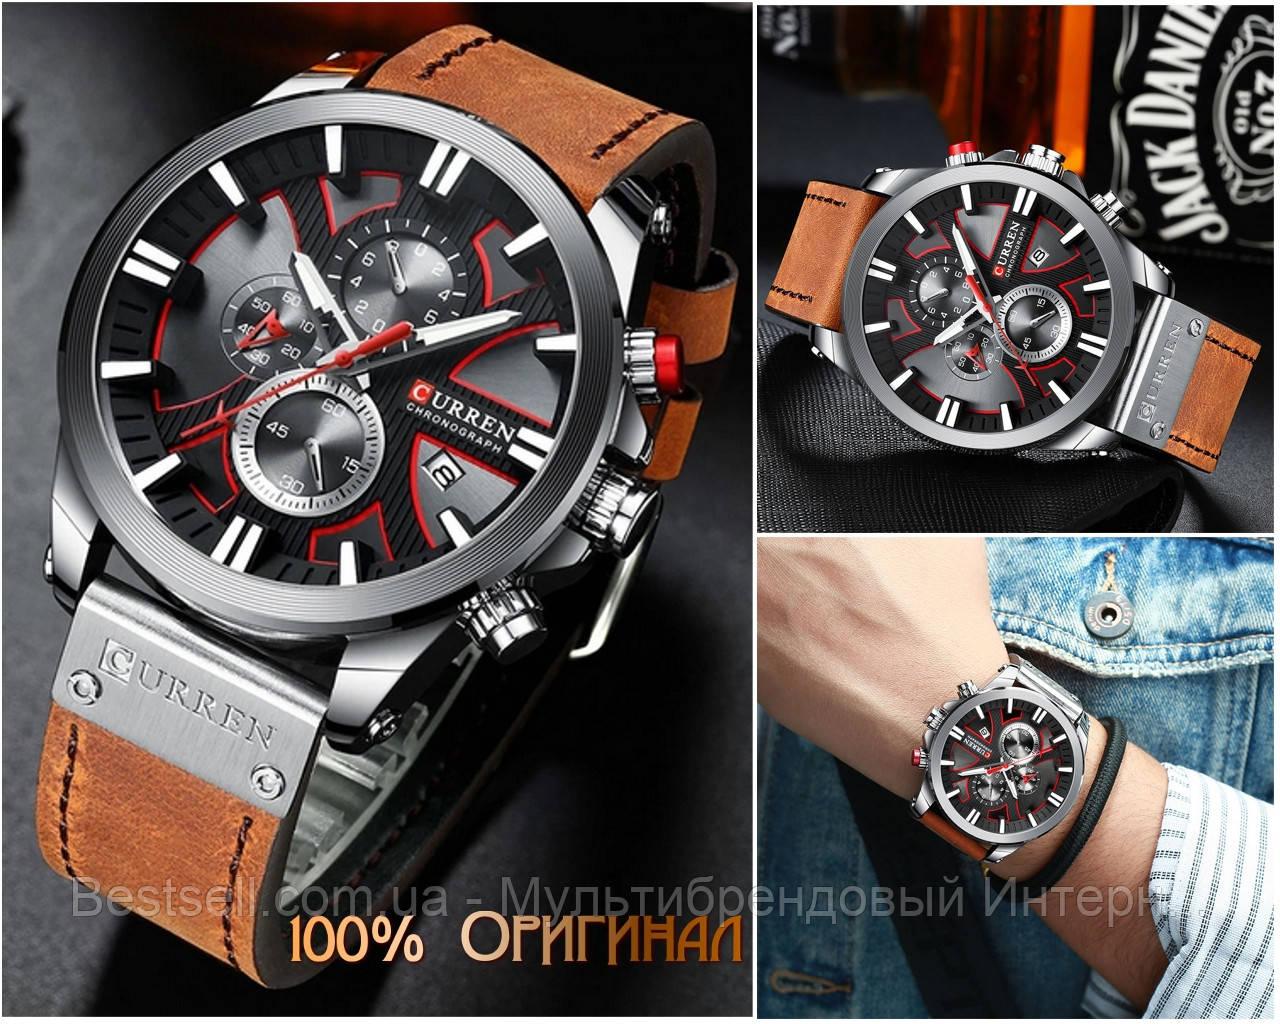 Оригинальные мужские часы c хронографом кожанный ремешок Curren 8346 Brown-Silver-Black / Часы Курен